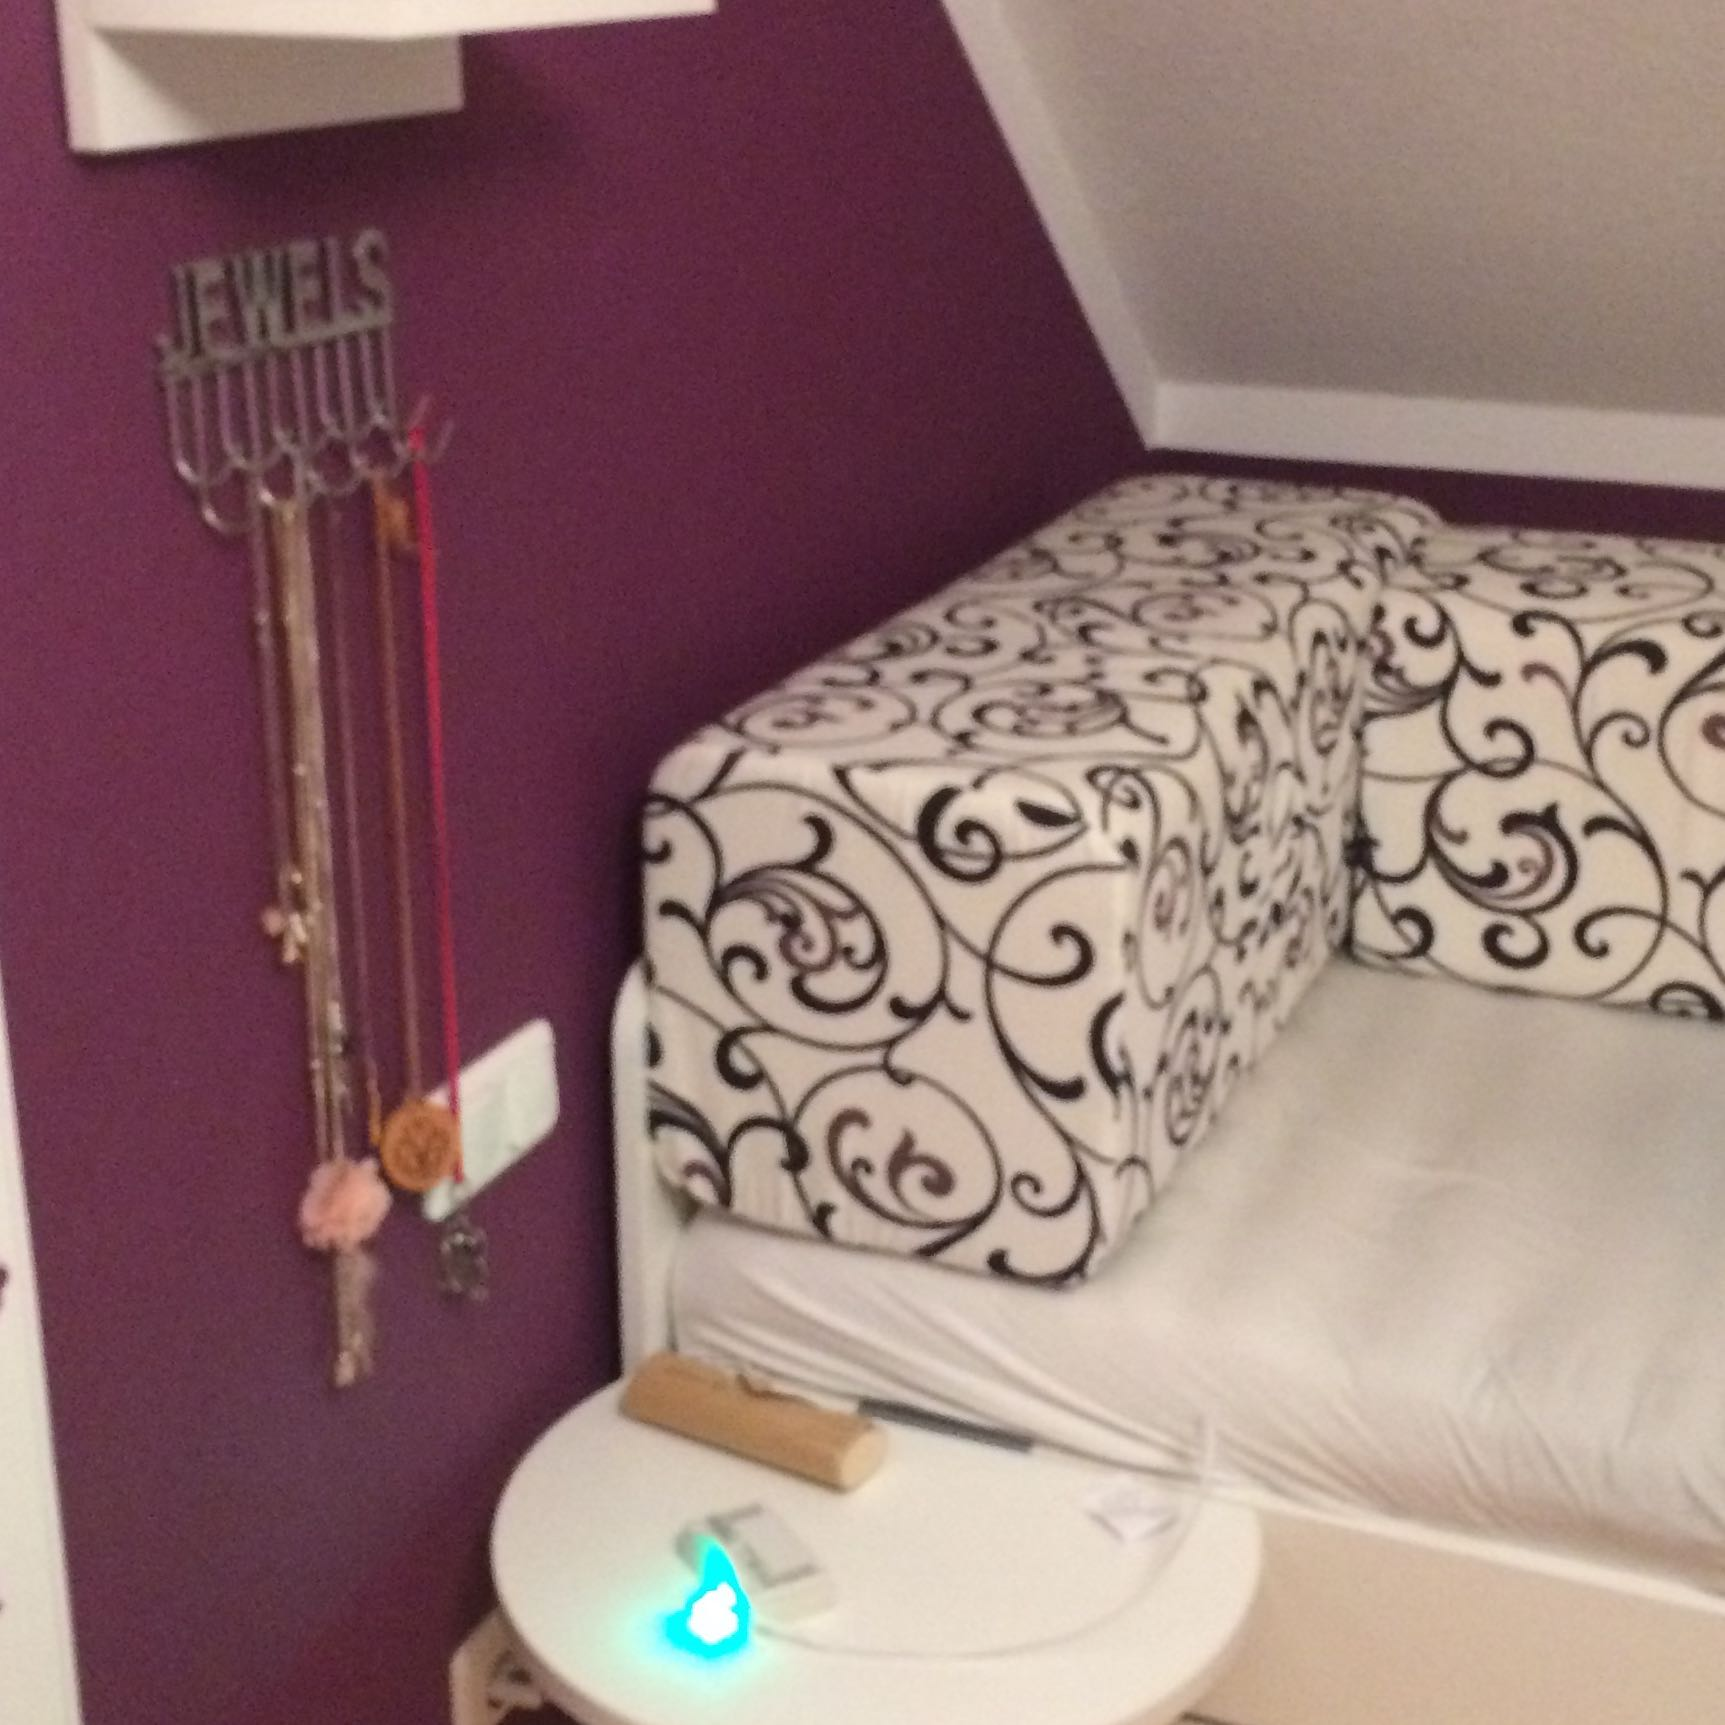 wie kann ich mein zimmer erwachsener gr sser aussehen. Black Bedroom Furniture Sets. Home Design Ideas